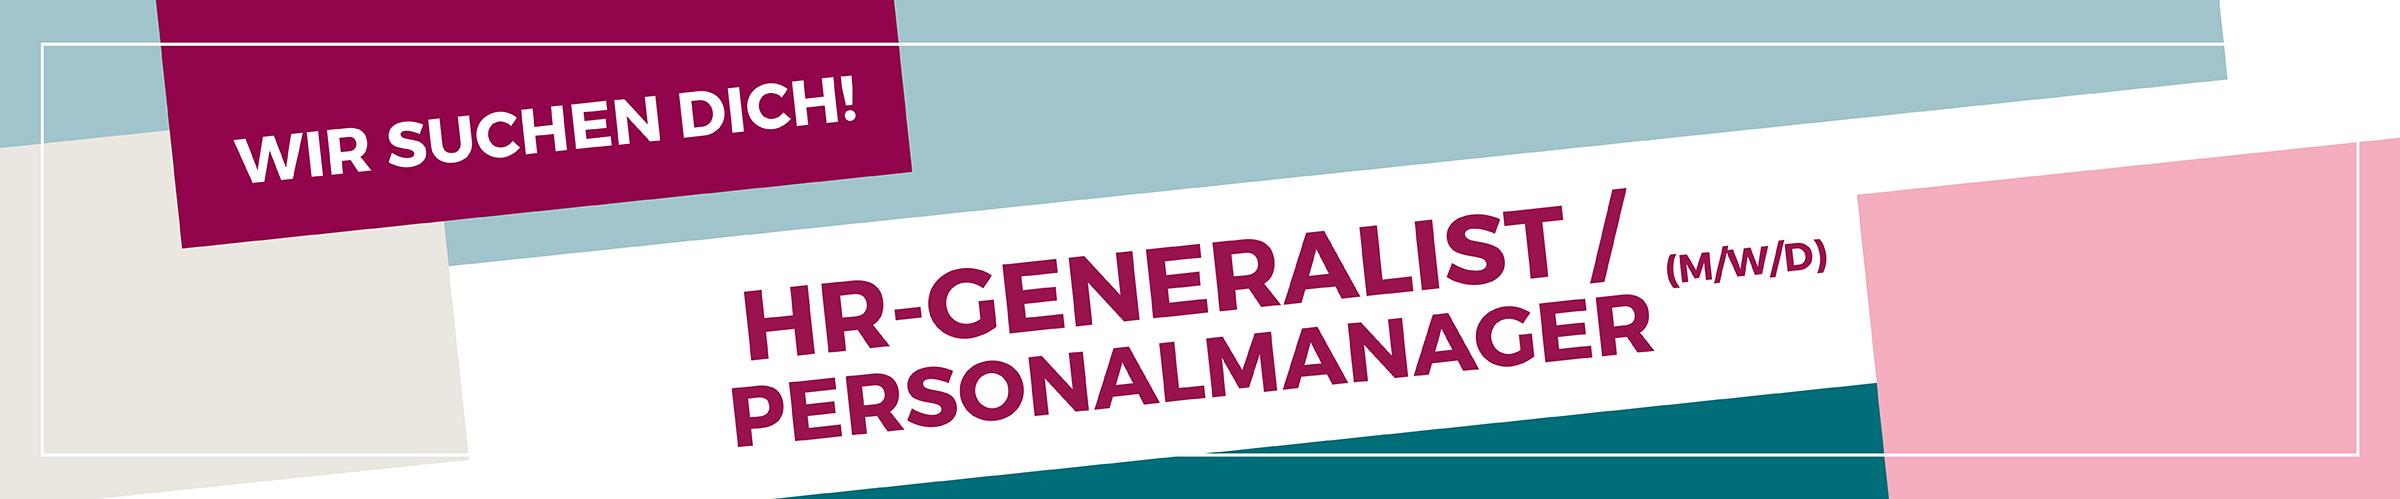 210910_Stellenanzeige_HR_Generalist